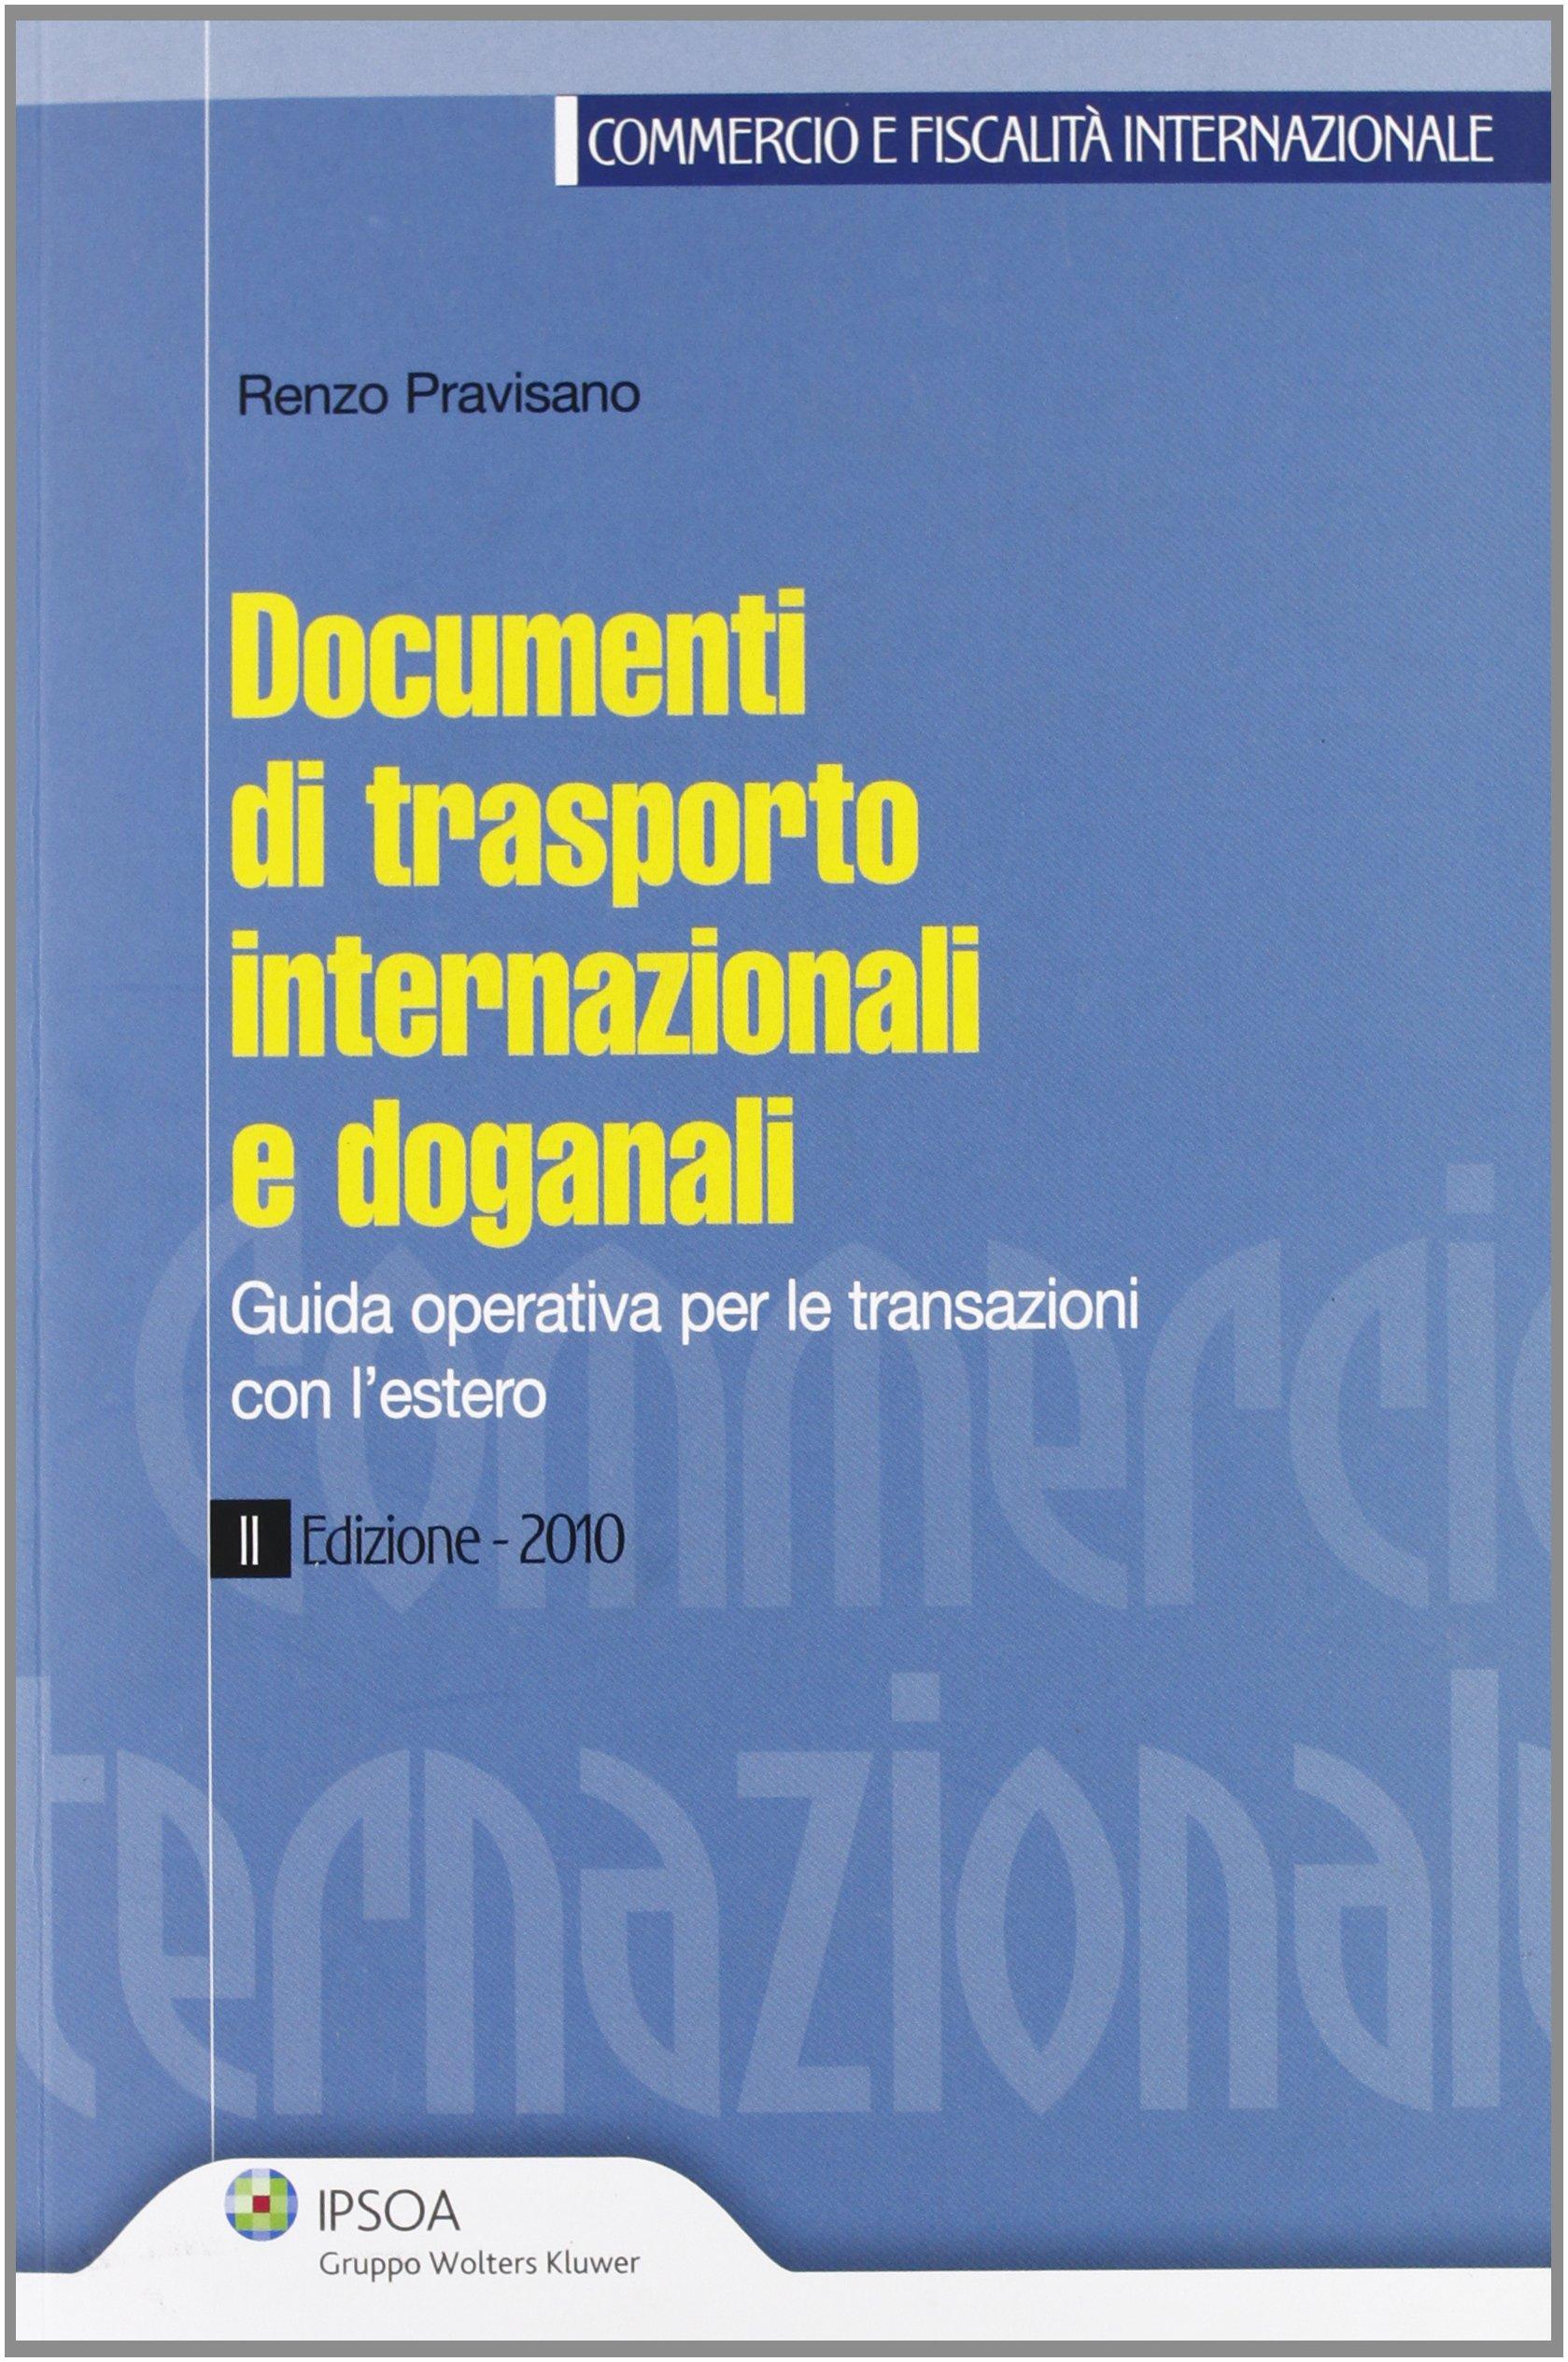 Documenti di trasporto internazionali e doganali. Guida operativa per le transazioni con l'estero Copertina flessibile – 1 mag 2010 Renzo Pravisano Ipsoa 882173241X 14994284